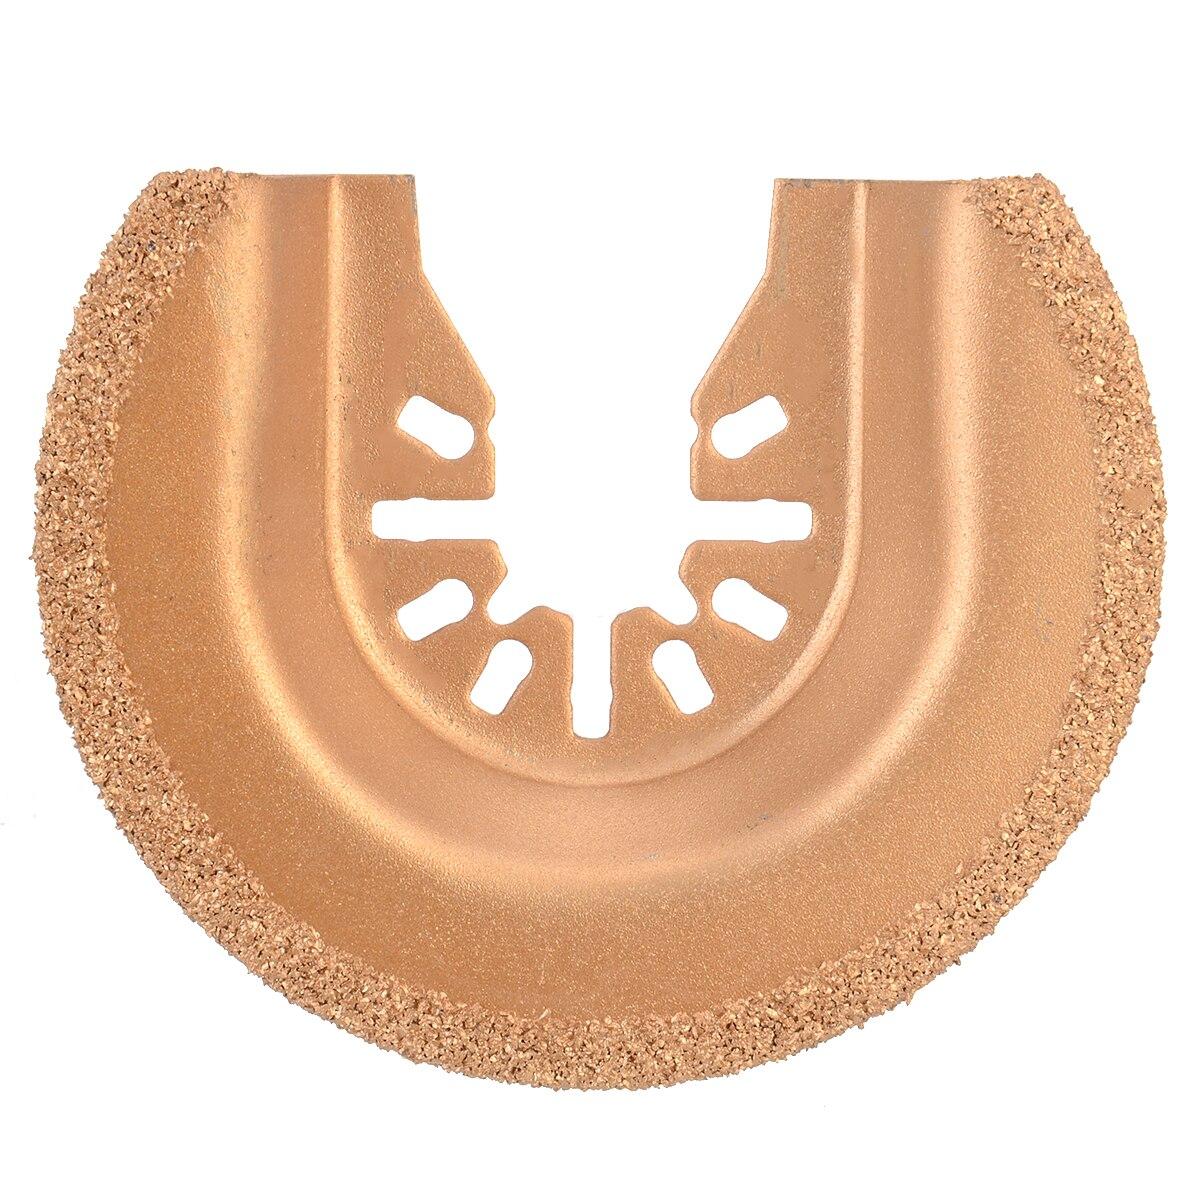 65 мм Мультитул пилы полукруг многофункциональный инструмент сегмент пилы карбида вольфрама решетки для затирки плитки резки электроинструментов